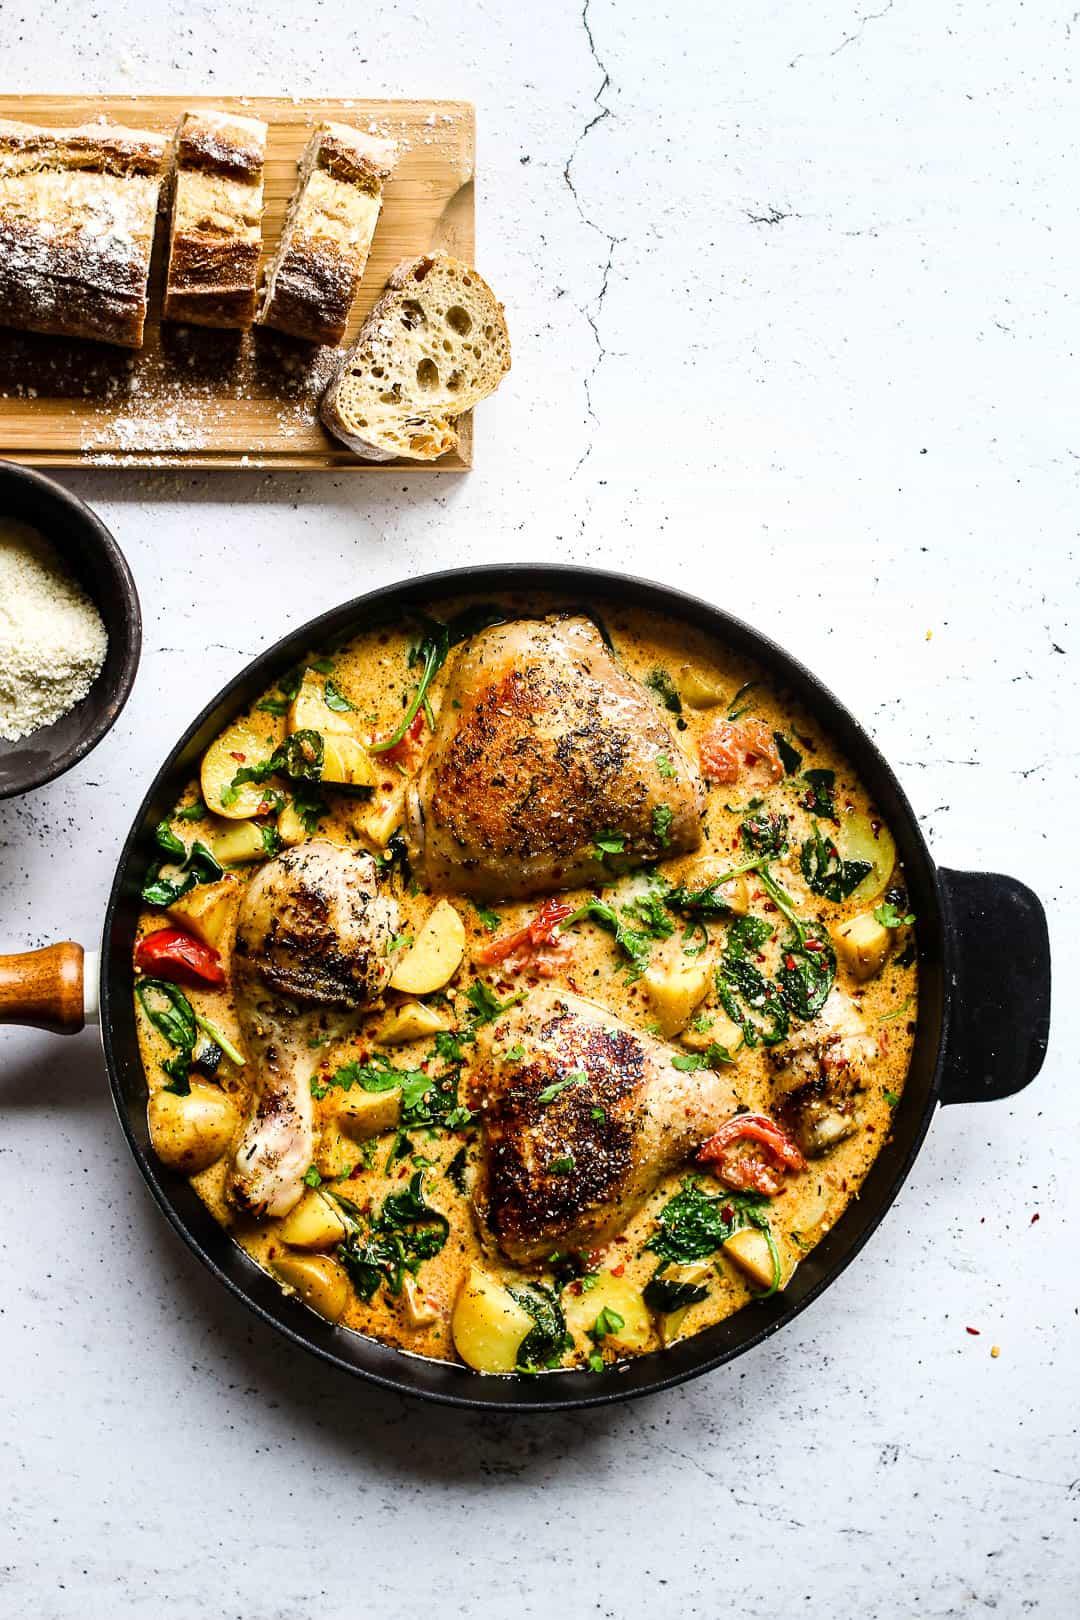 opskrift med kylling og kartofler